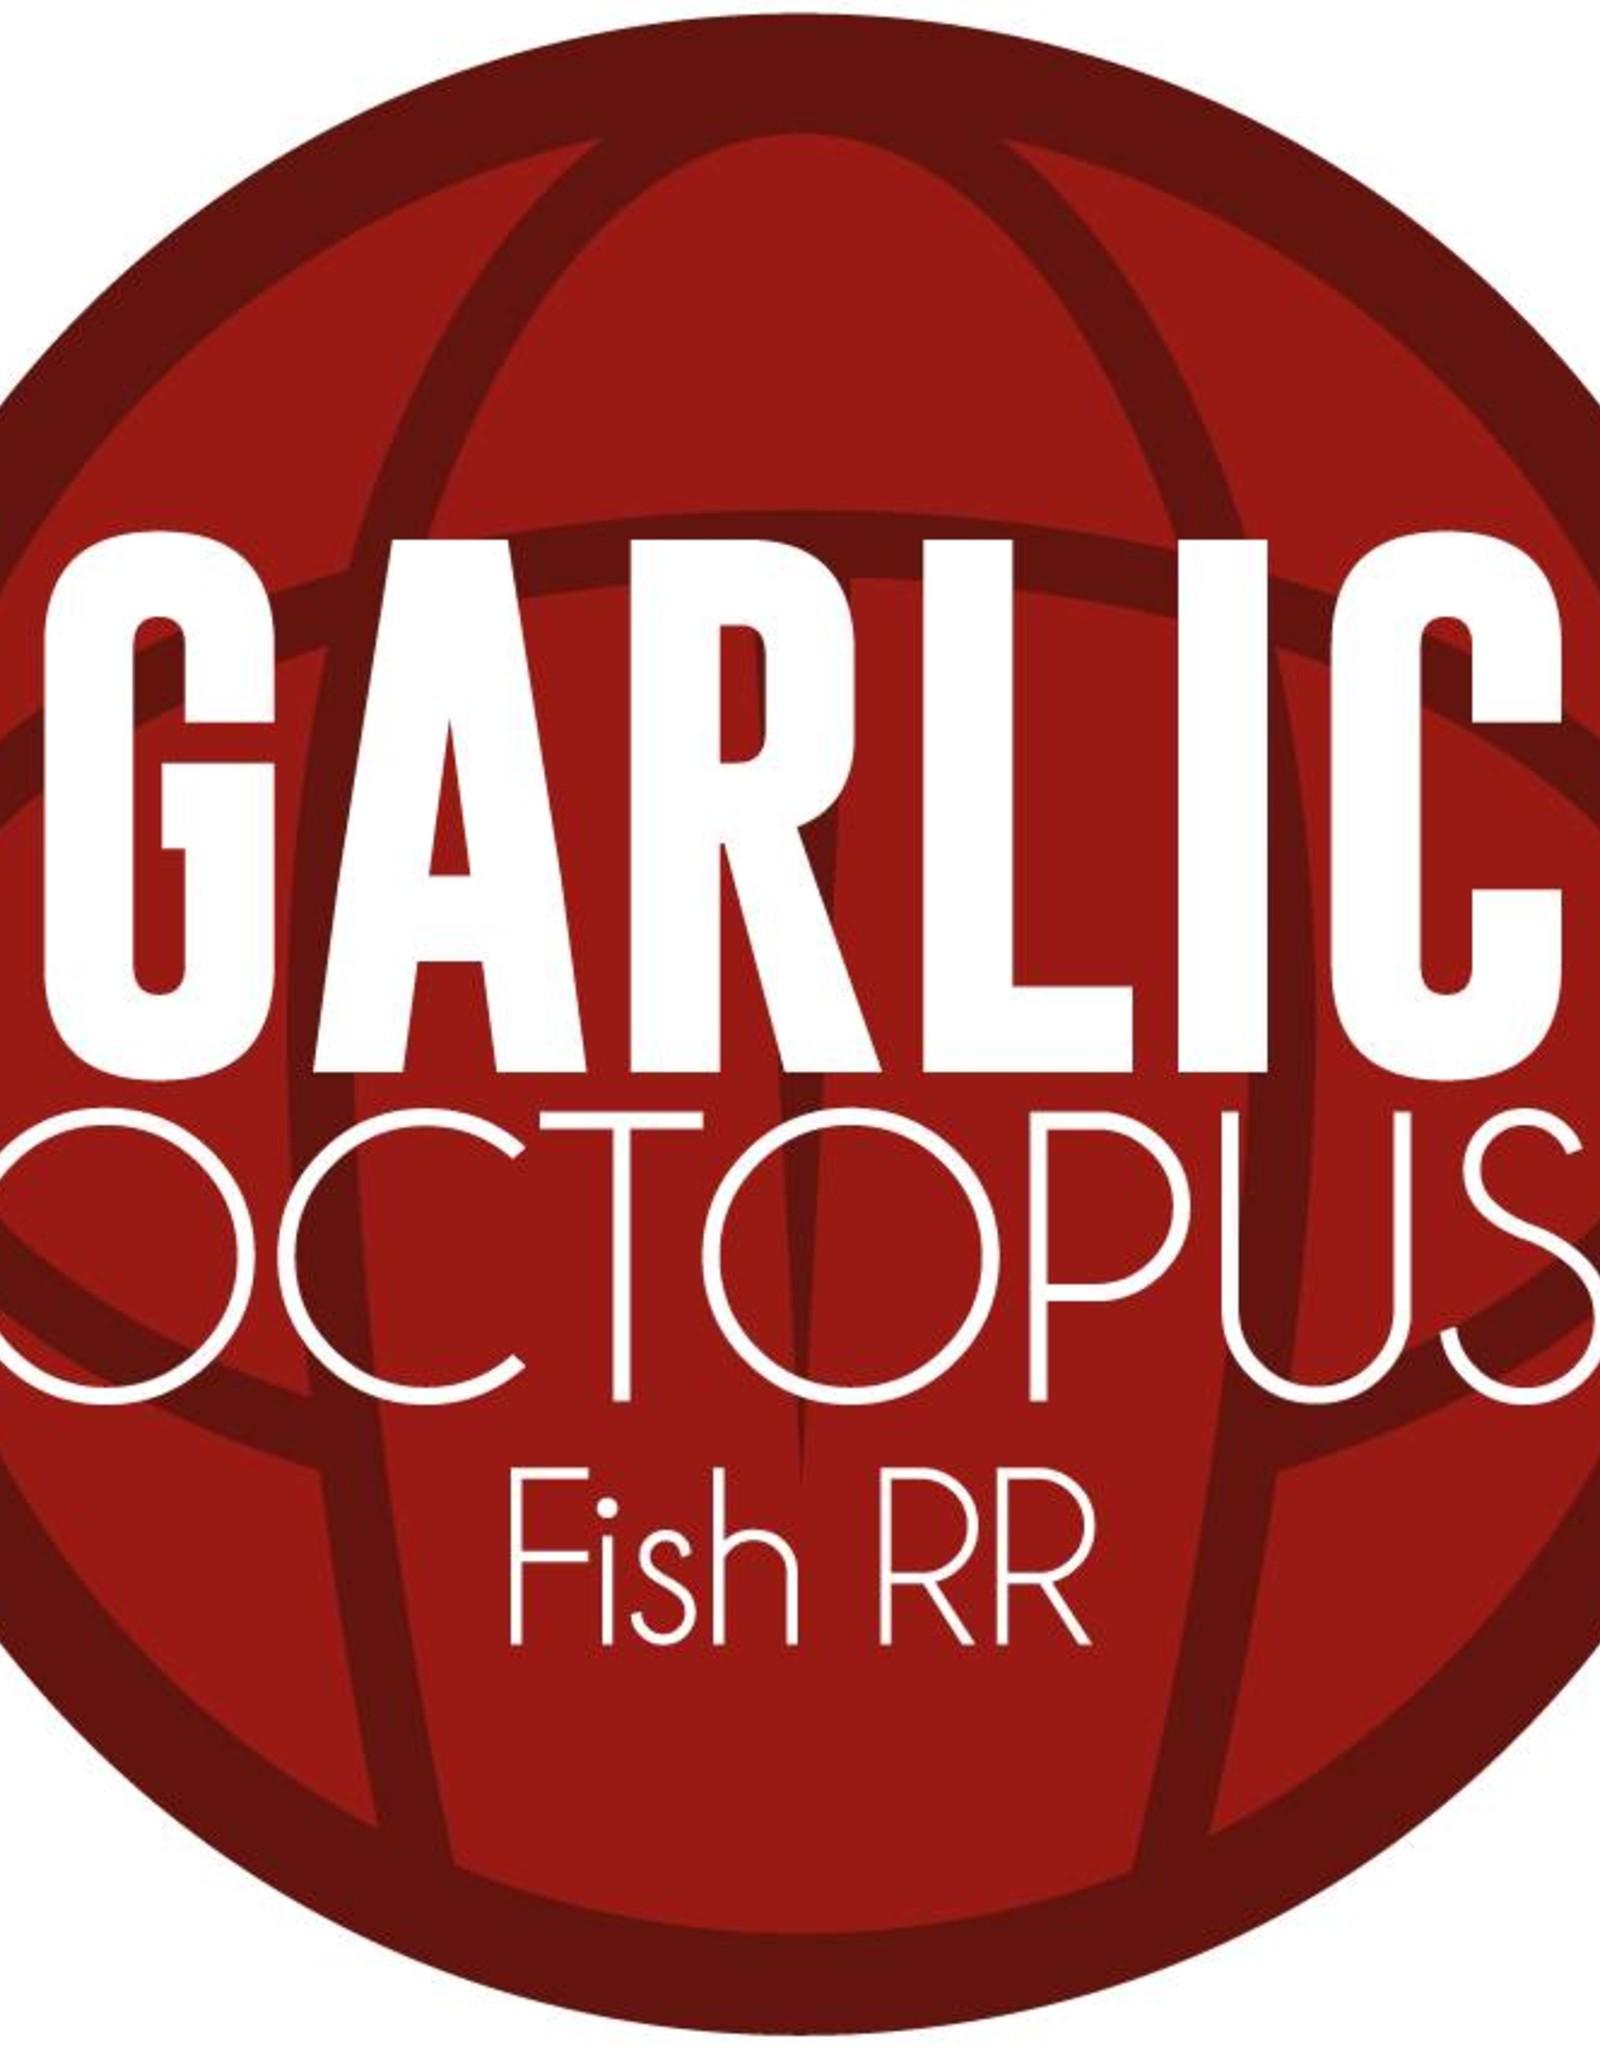 Baitworld Garlic Octopus Fish RR Pakket Deal 2